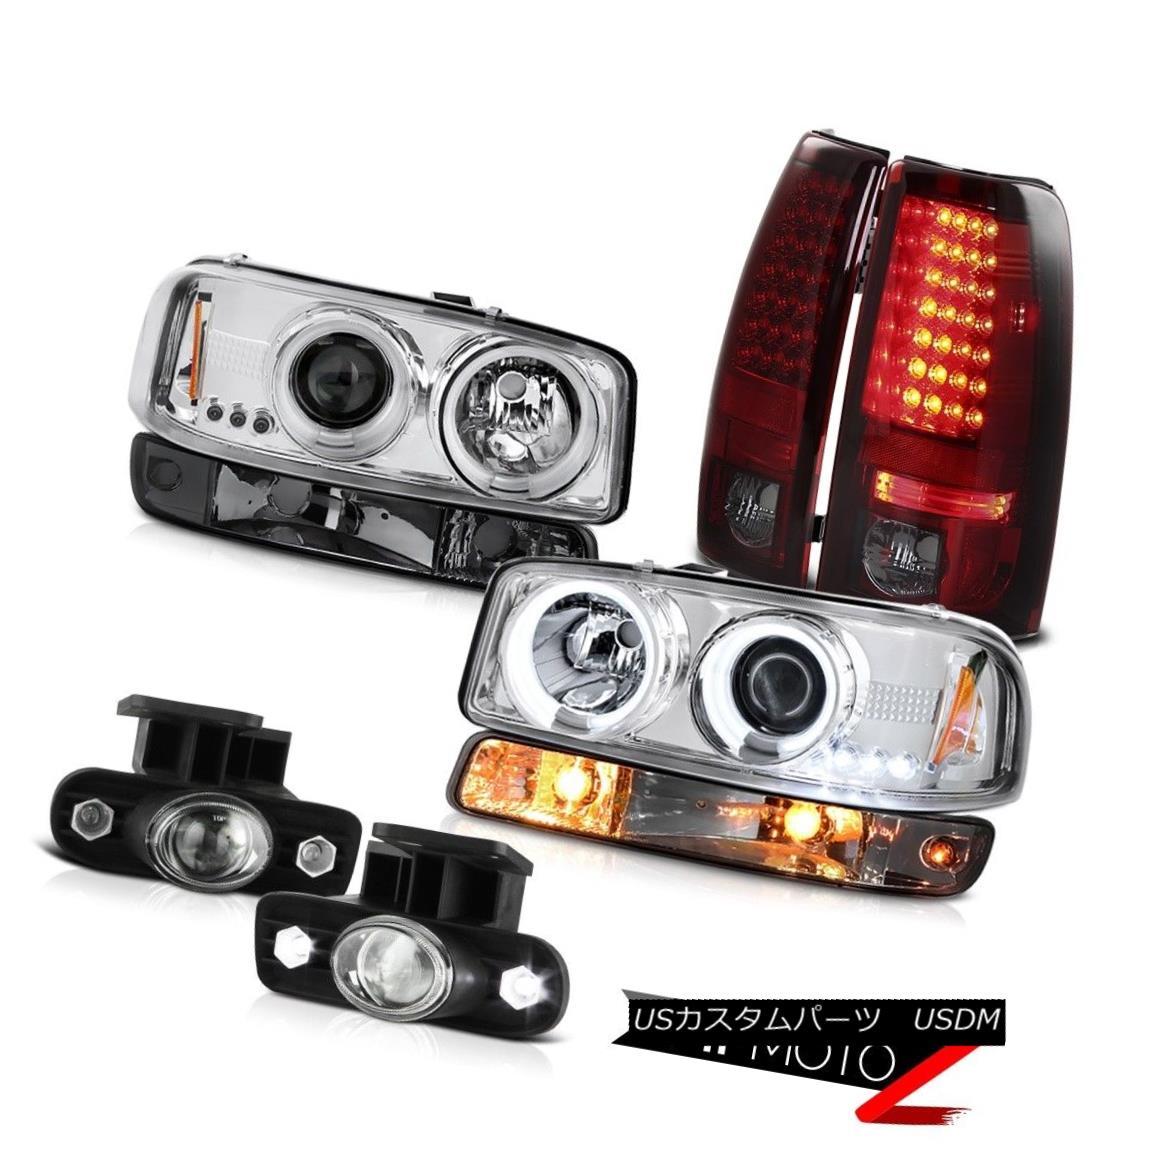 テールライト 99-02 Sierra SLT Fog lights smokey red led taillamps signal light ccfl Headlamps 99-02 Sierra SLTフォグランプスモーキーレッドテールランプ信号ライトccflヘッドランプ